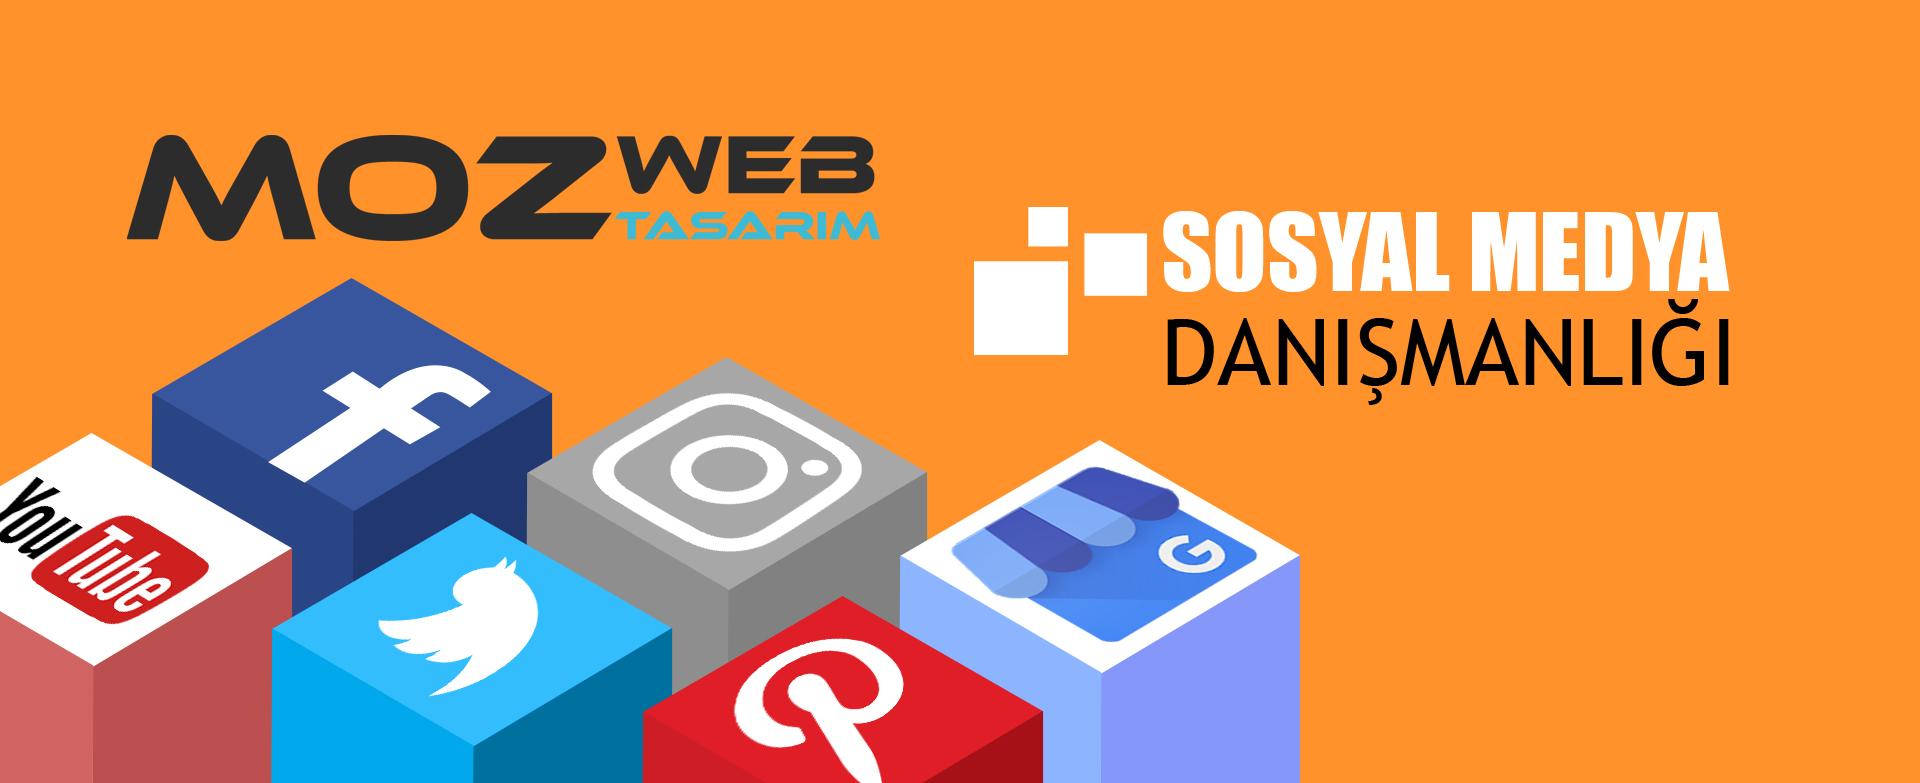 Sosyal Medya Uzmanı ve Danışmanlığı Facebook Instagram Twitter